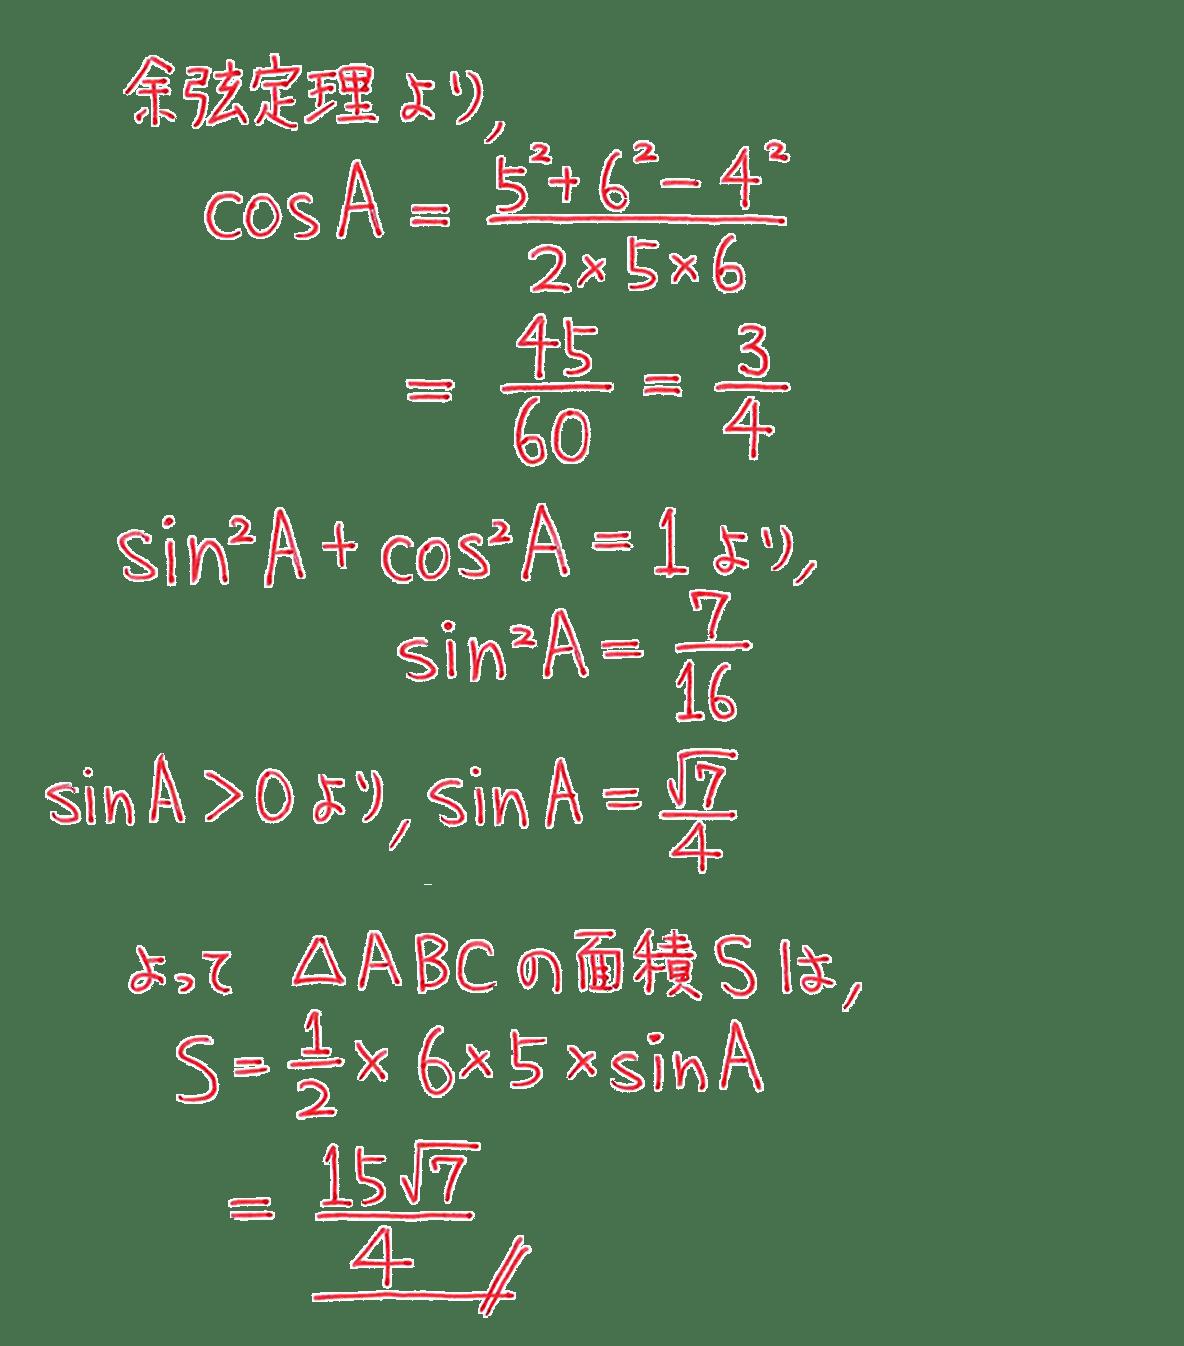 高校数学Ⅰ 三角比30 例題の答え